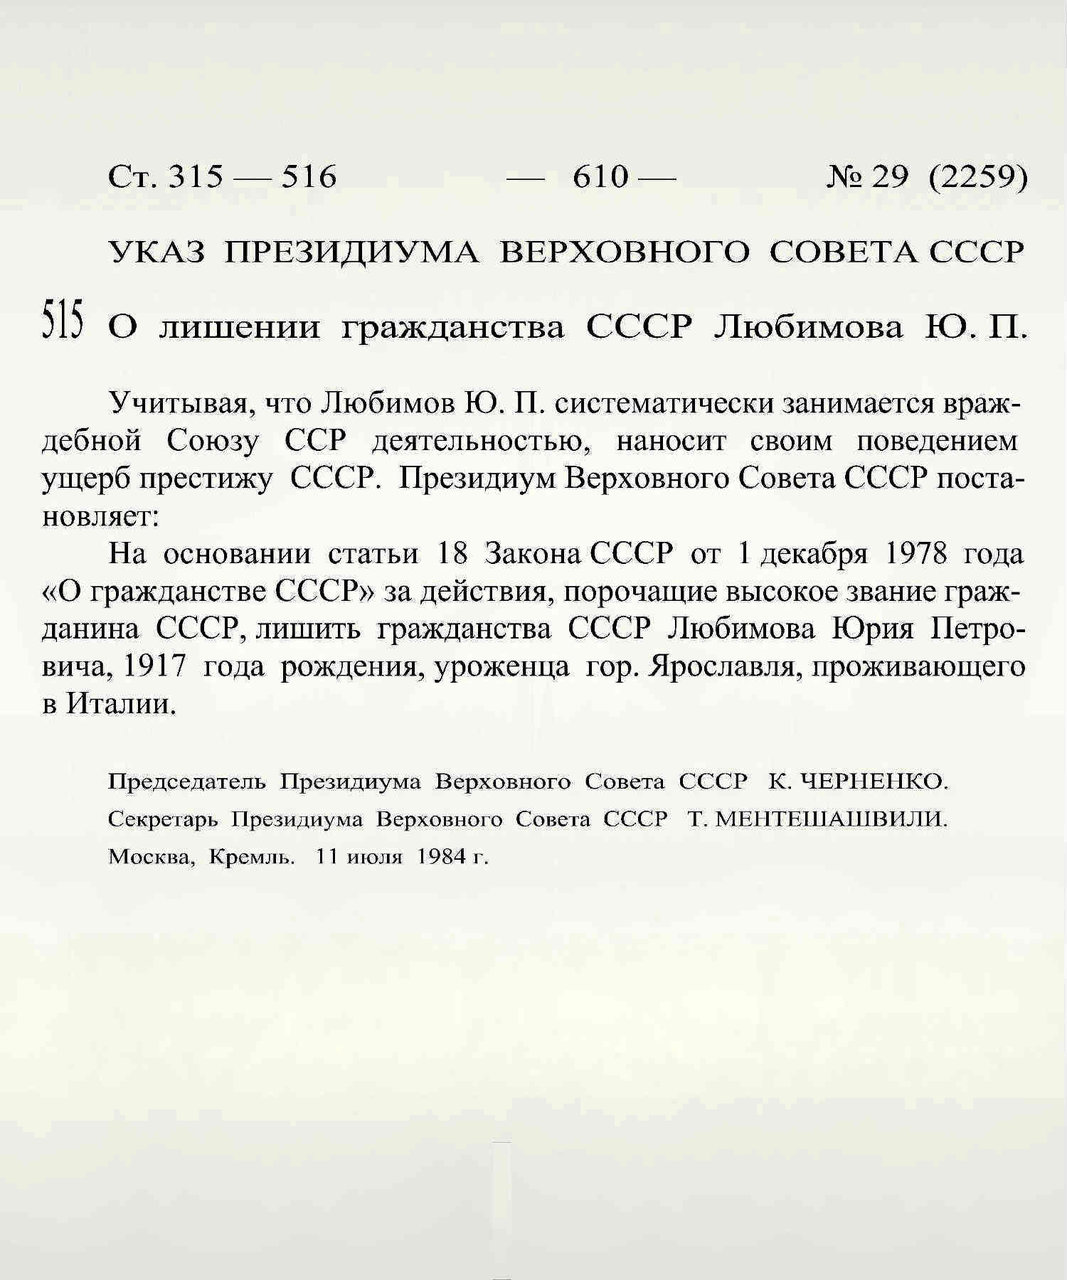 Юрий Петрович Любимов